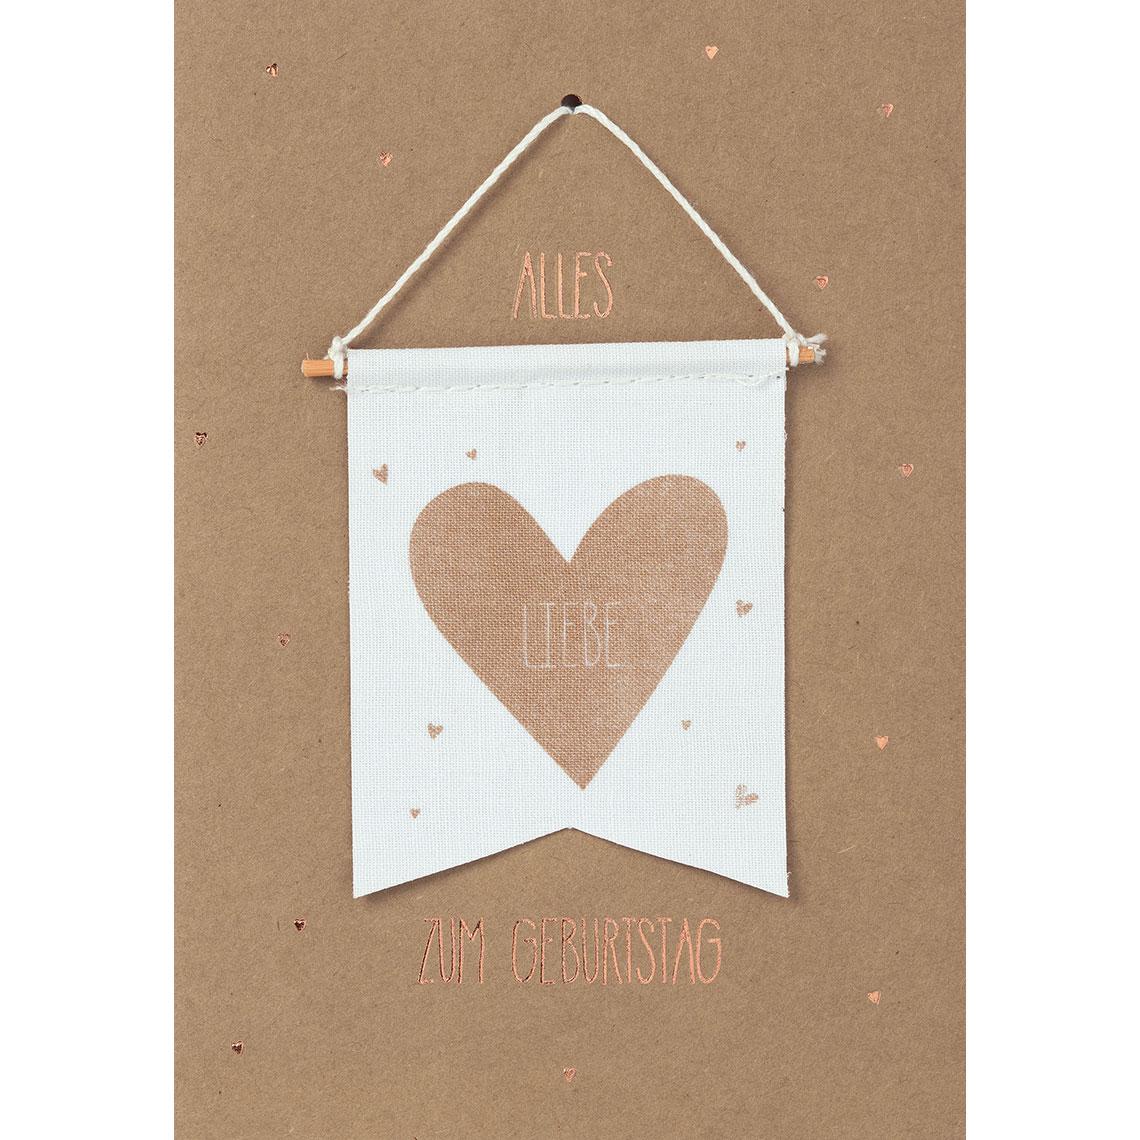 """Geburtstagskarte - """"Alles Liebe zum Geburtstag"""" - räder"""